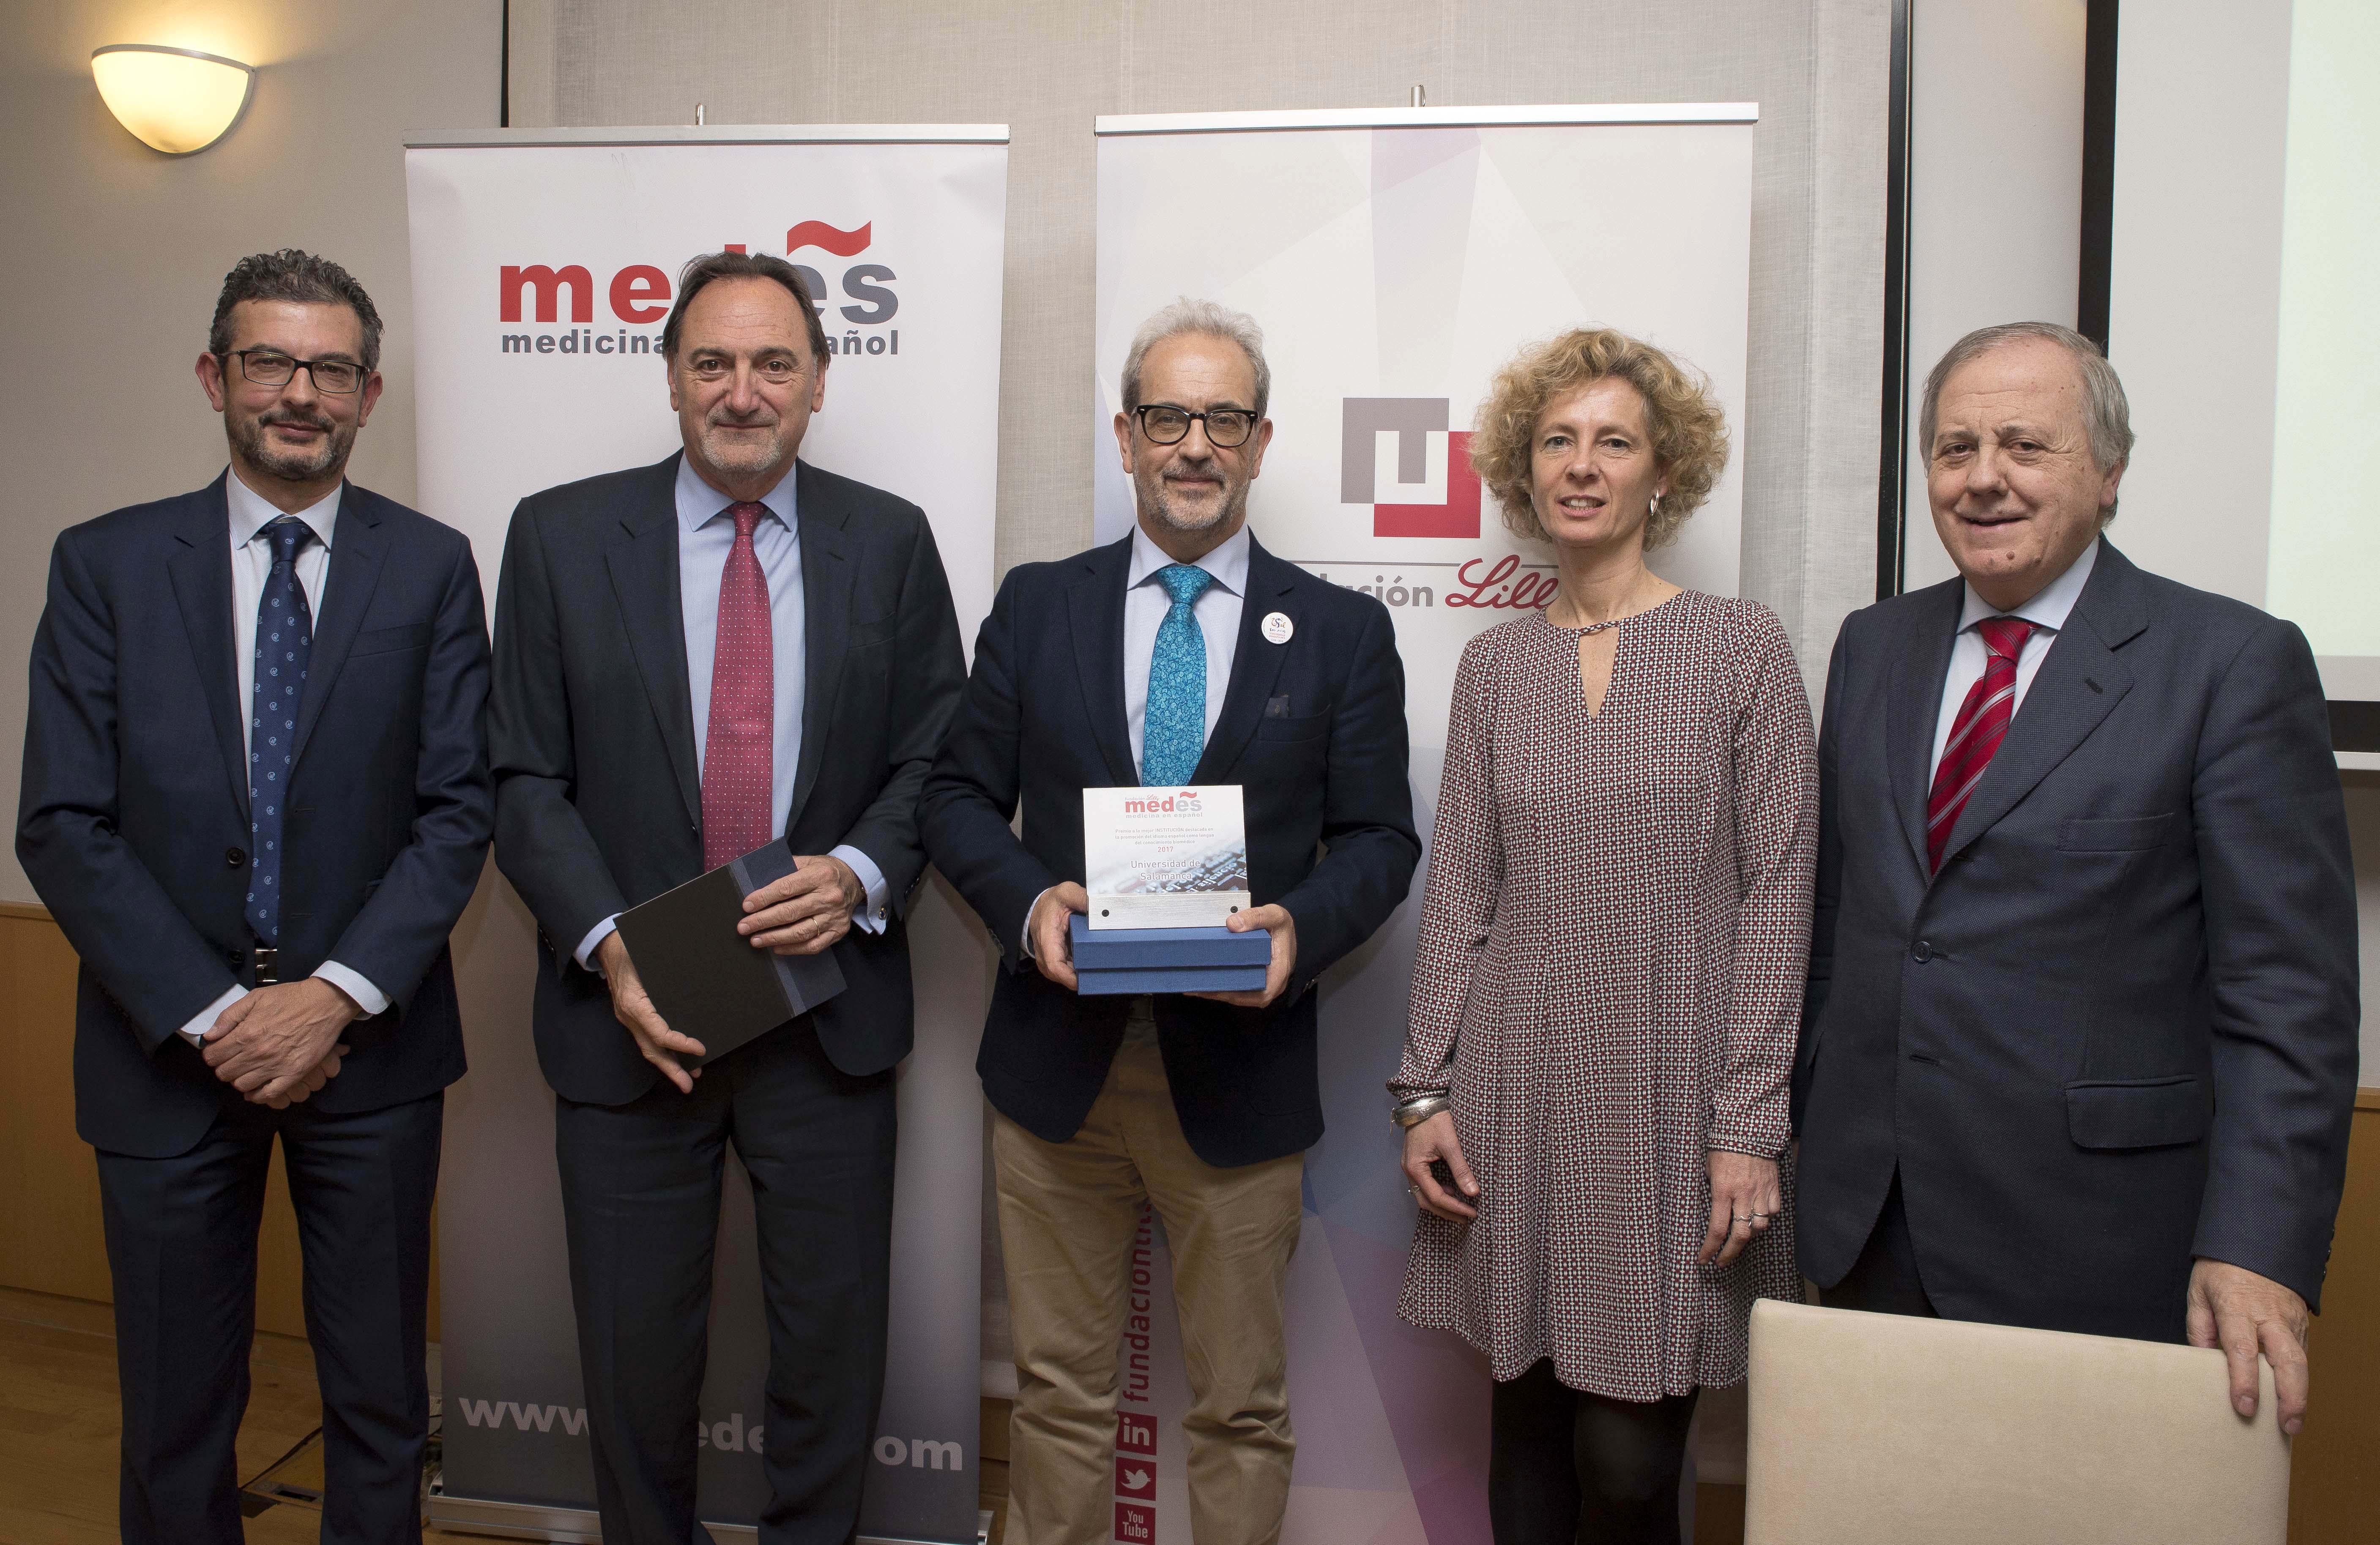 La Fundación Lilly concede el premio 'MEDES 2017' a la Universidad de Salamanca en reconocimiento a sus aportaciones a la investigación médica